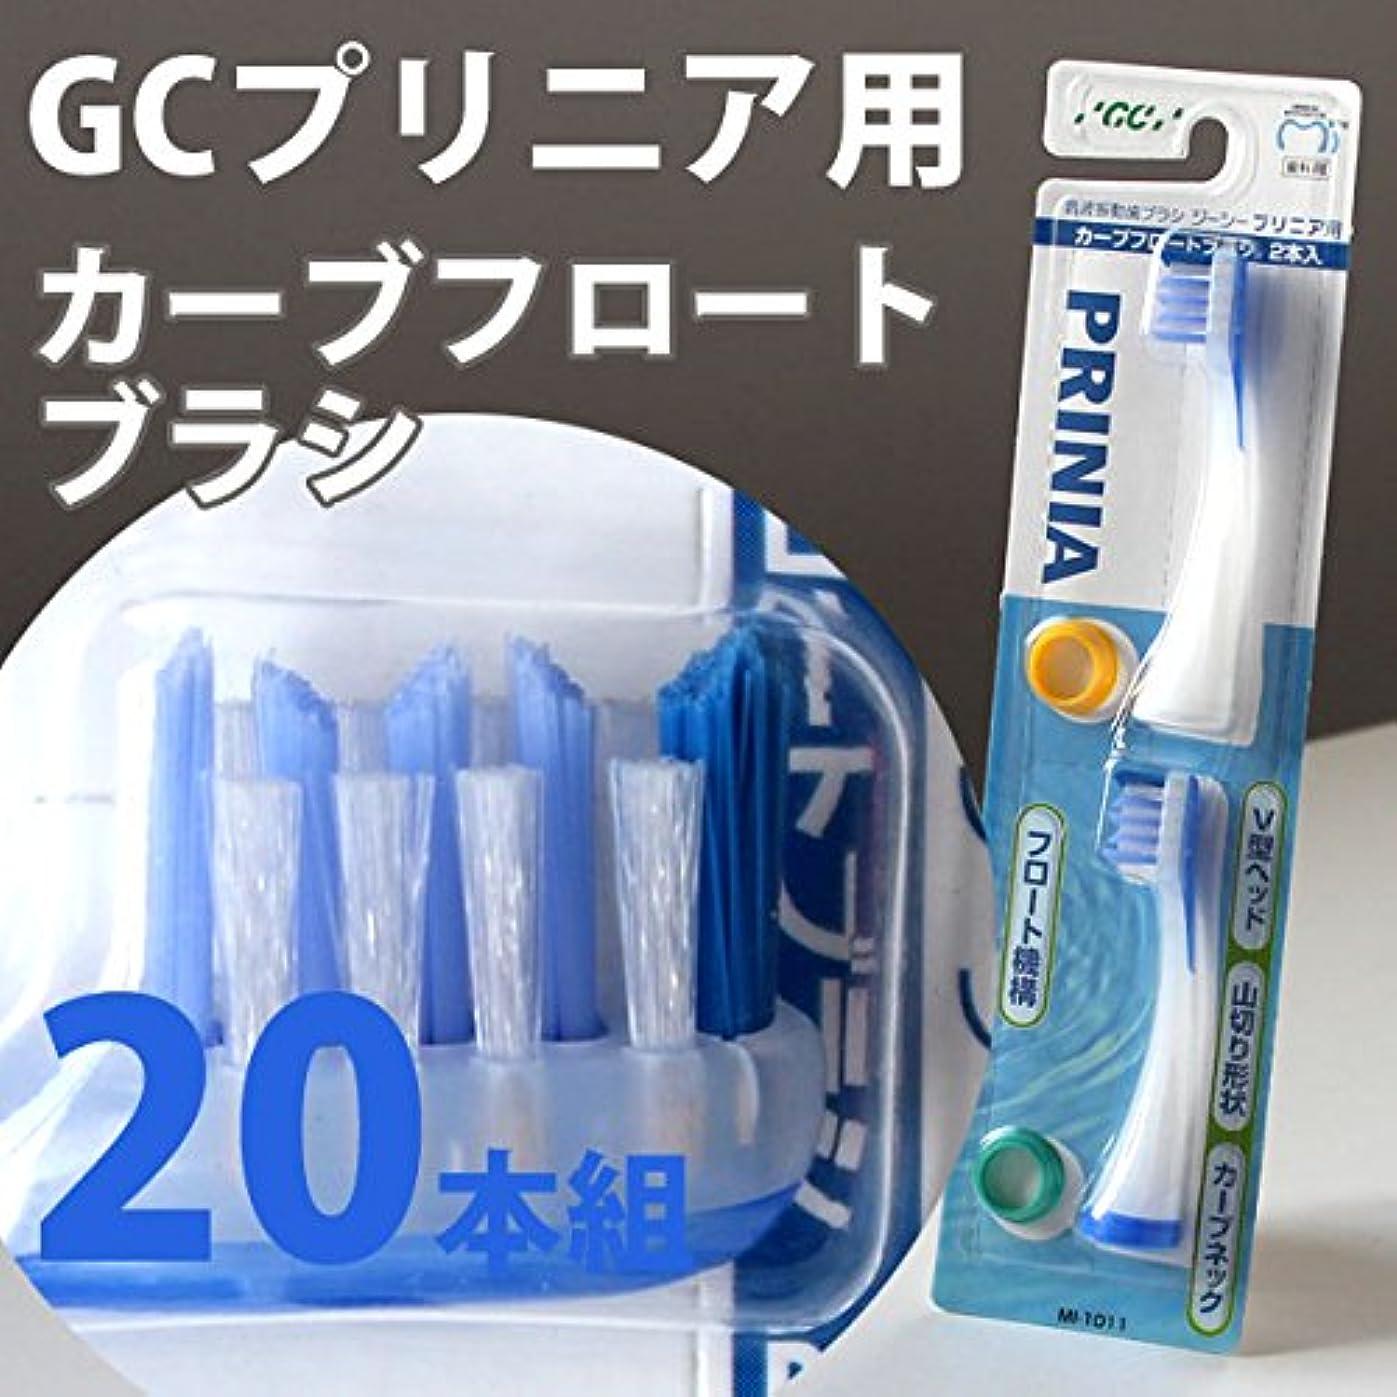 ありがたいぎこちない側プリニア GC 音波振動 歯ブラシ プリニアスリム替えブラシ カーブフロートブラシ 10セット 便不 ピンク